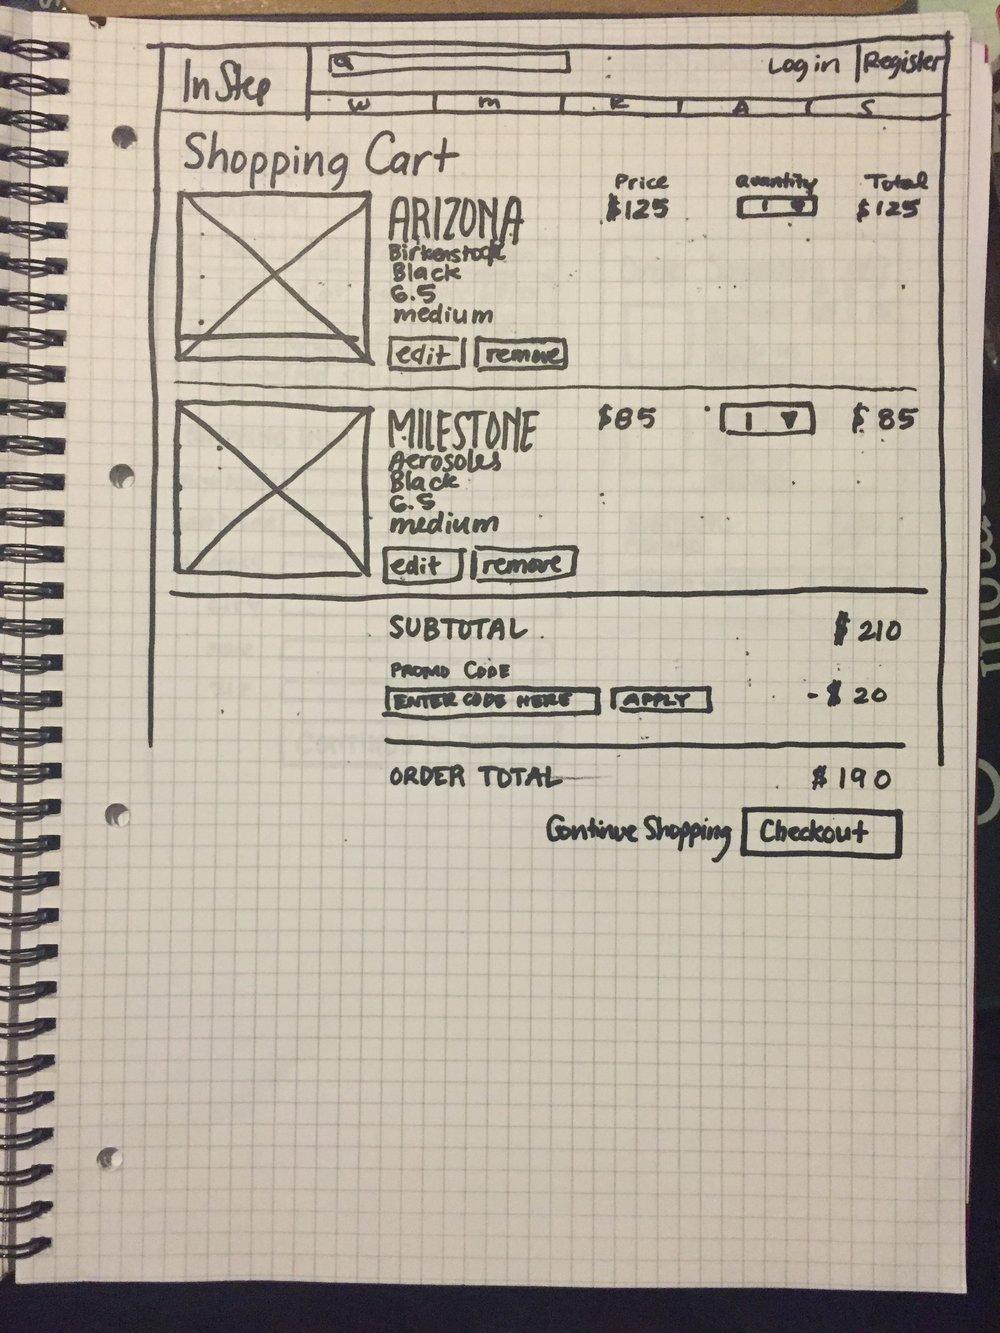 Checkout Sketch